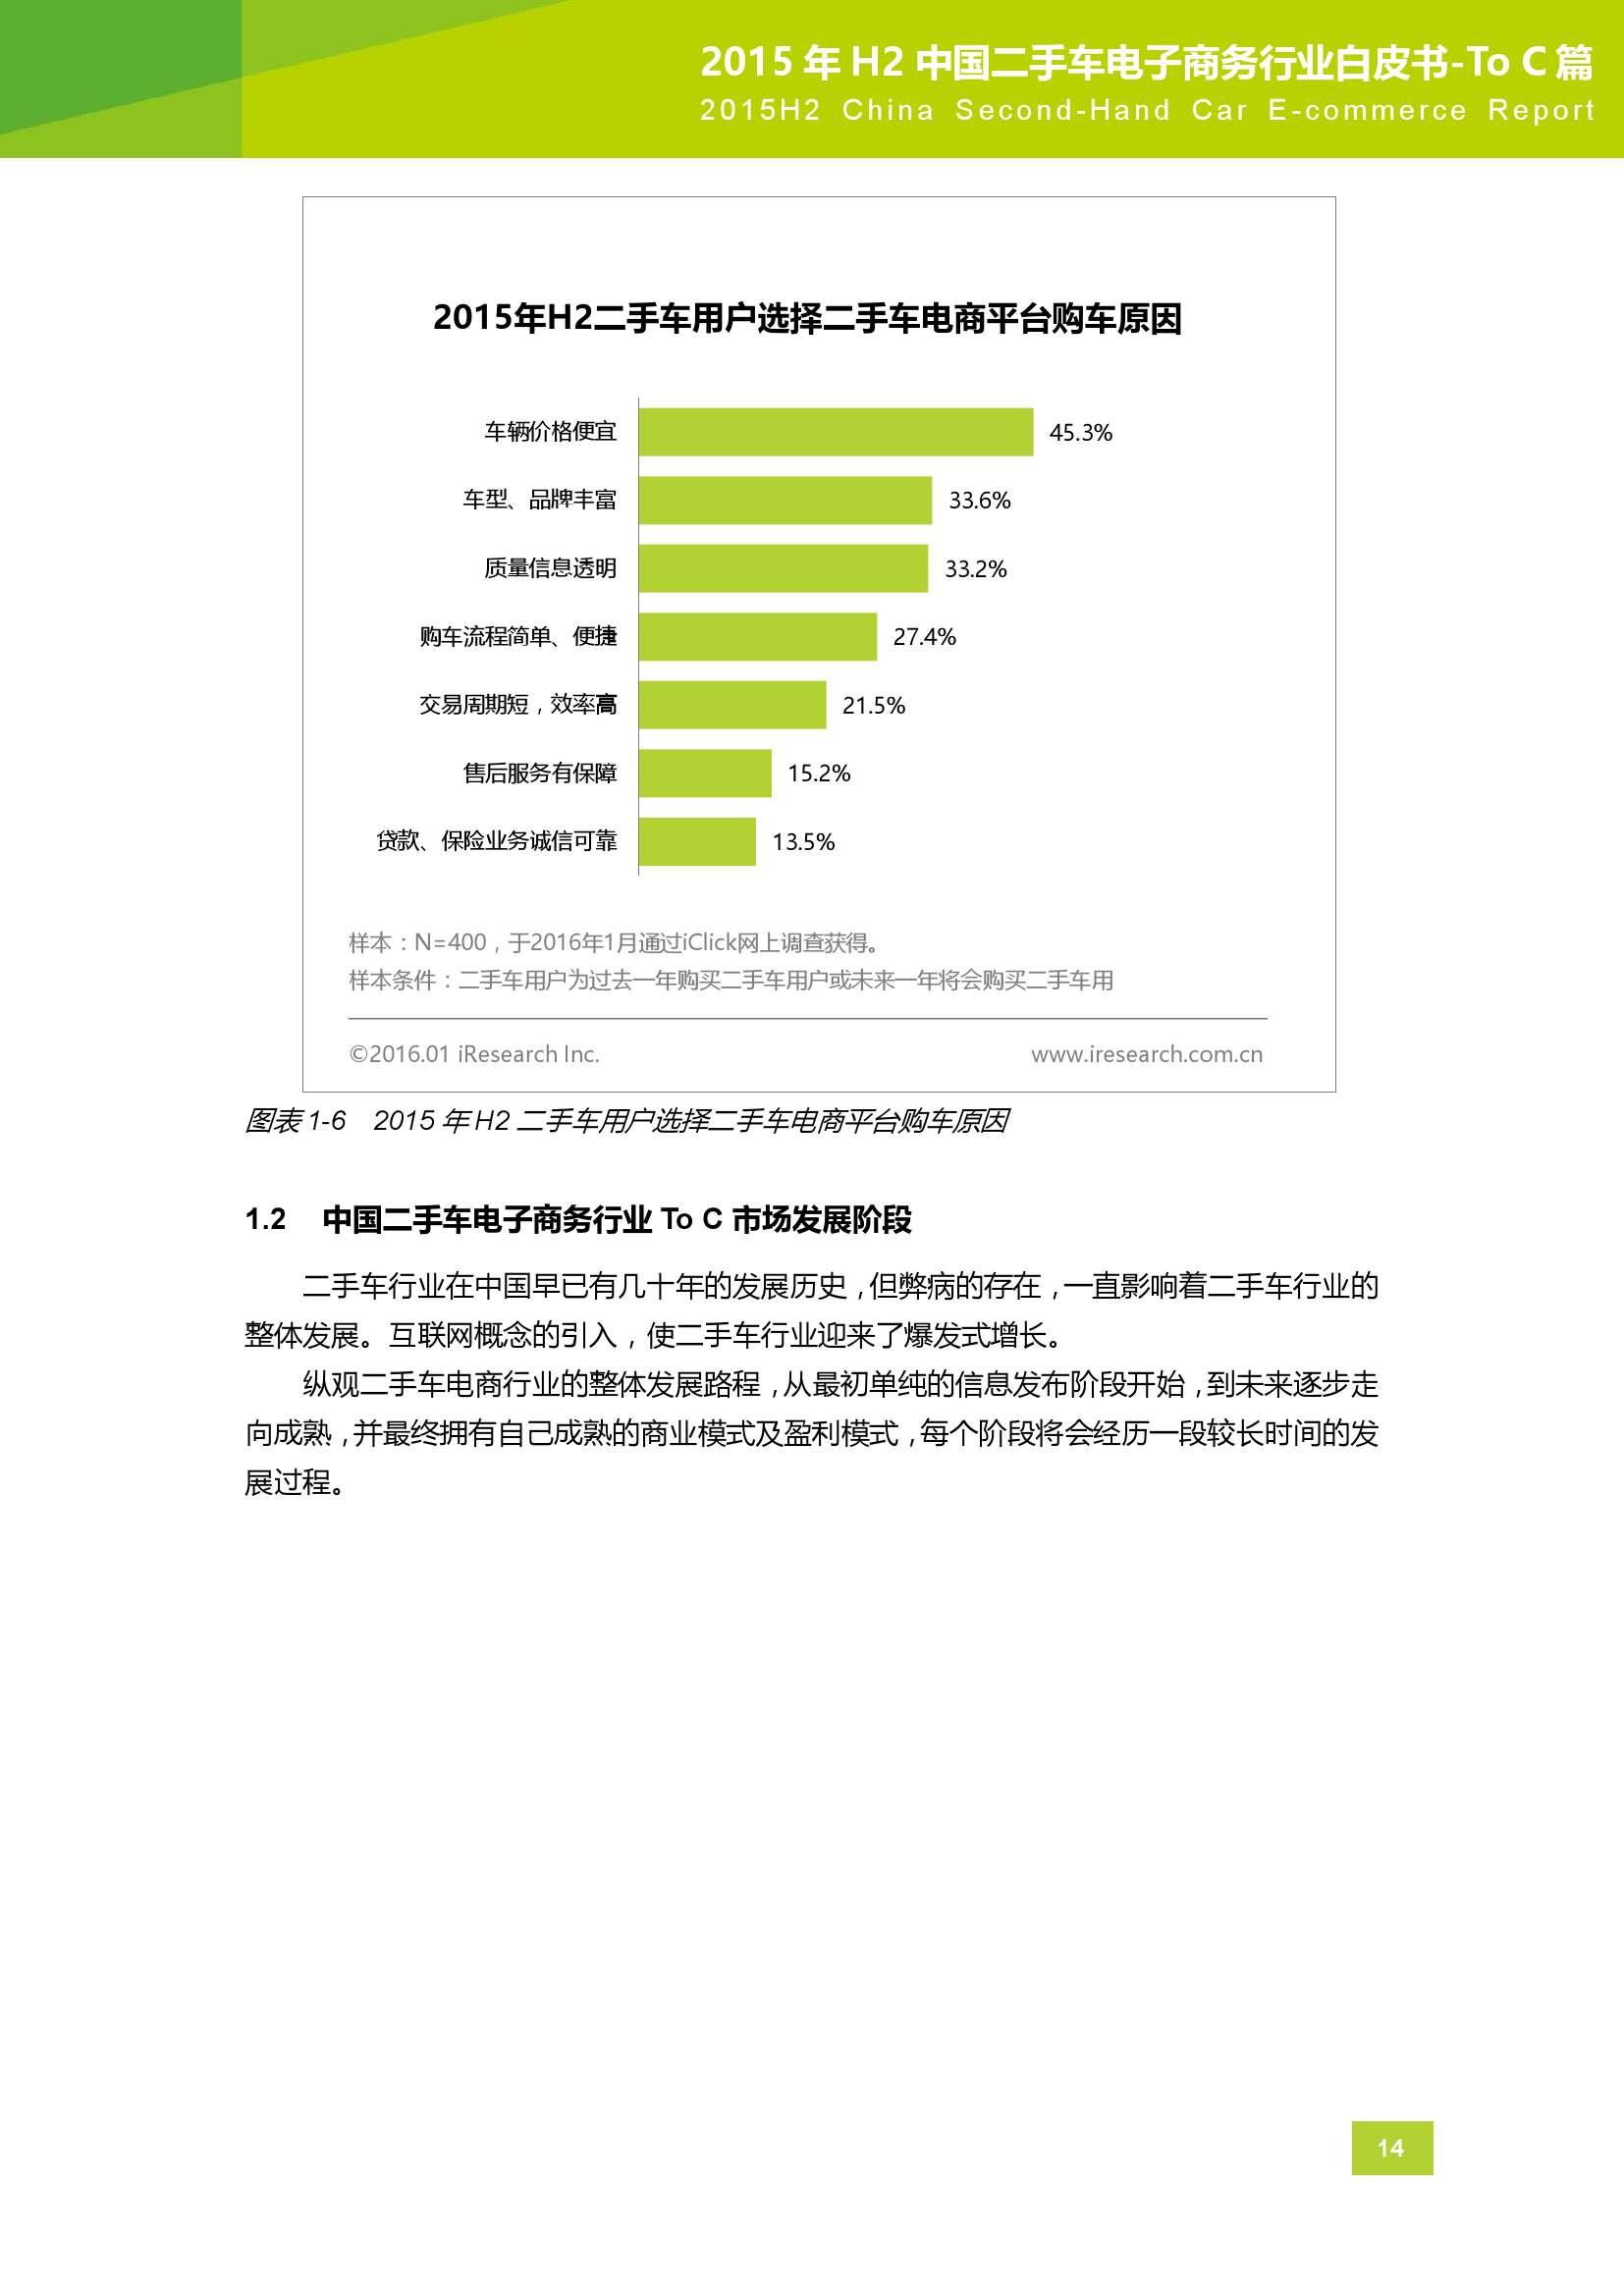 2015年H2中国二手车电子商务行业白皮书_000014